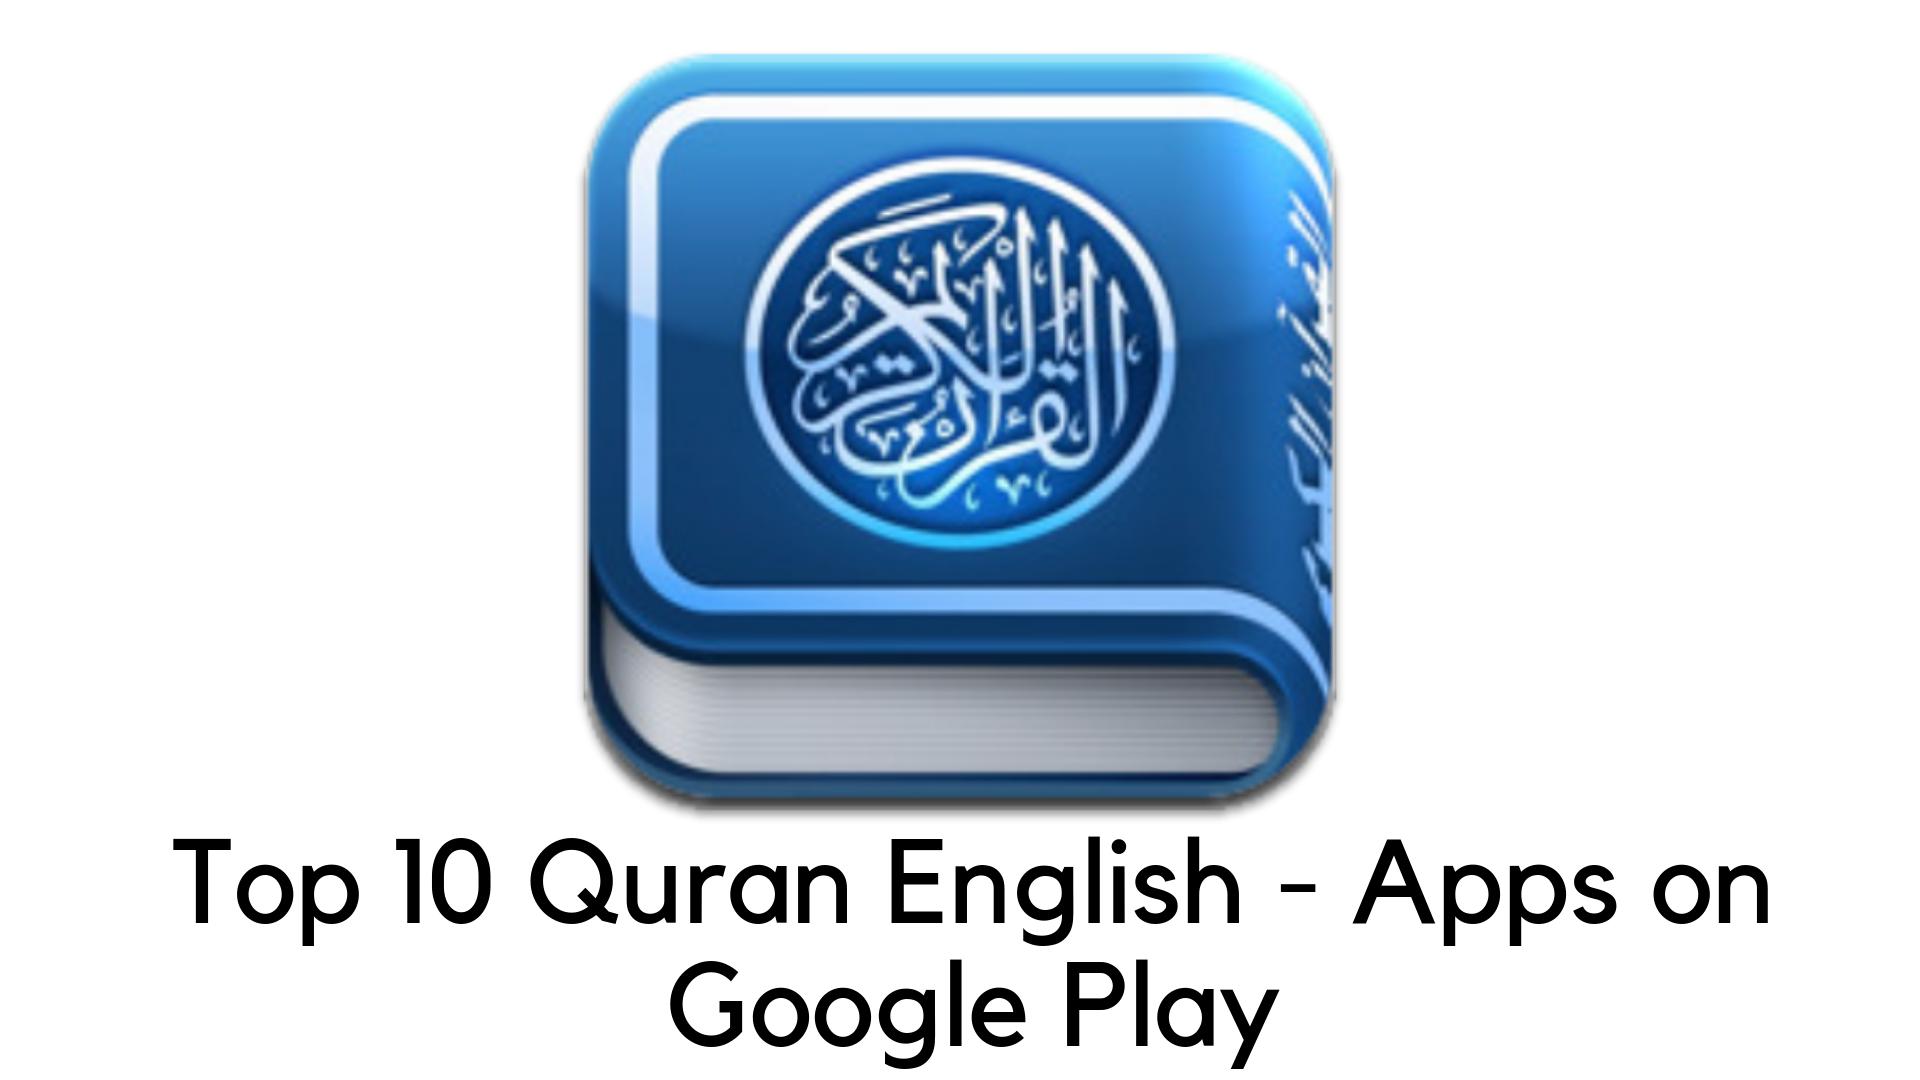 ကျမ်းတော်မြတ်ကုရ်အာန်အင်္ဂလိပ်ဘာသာ Apps ကပ